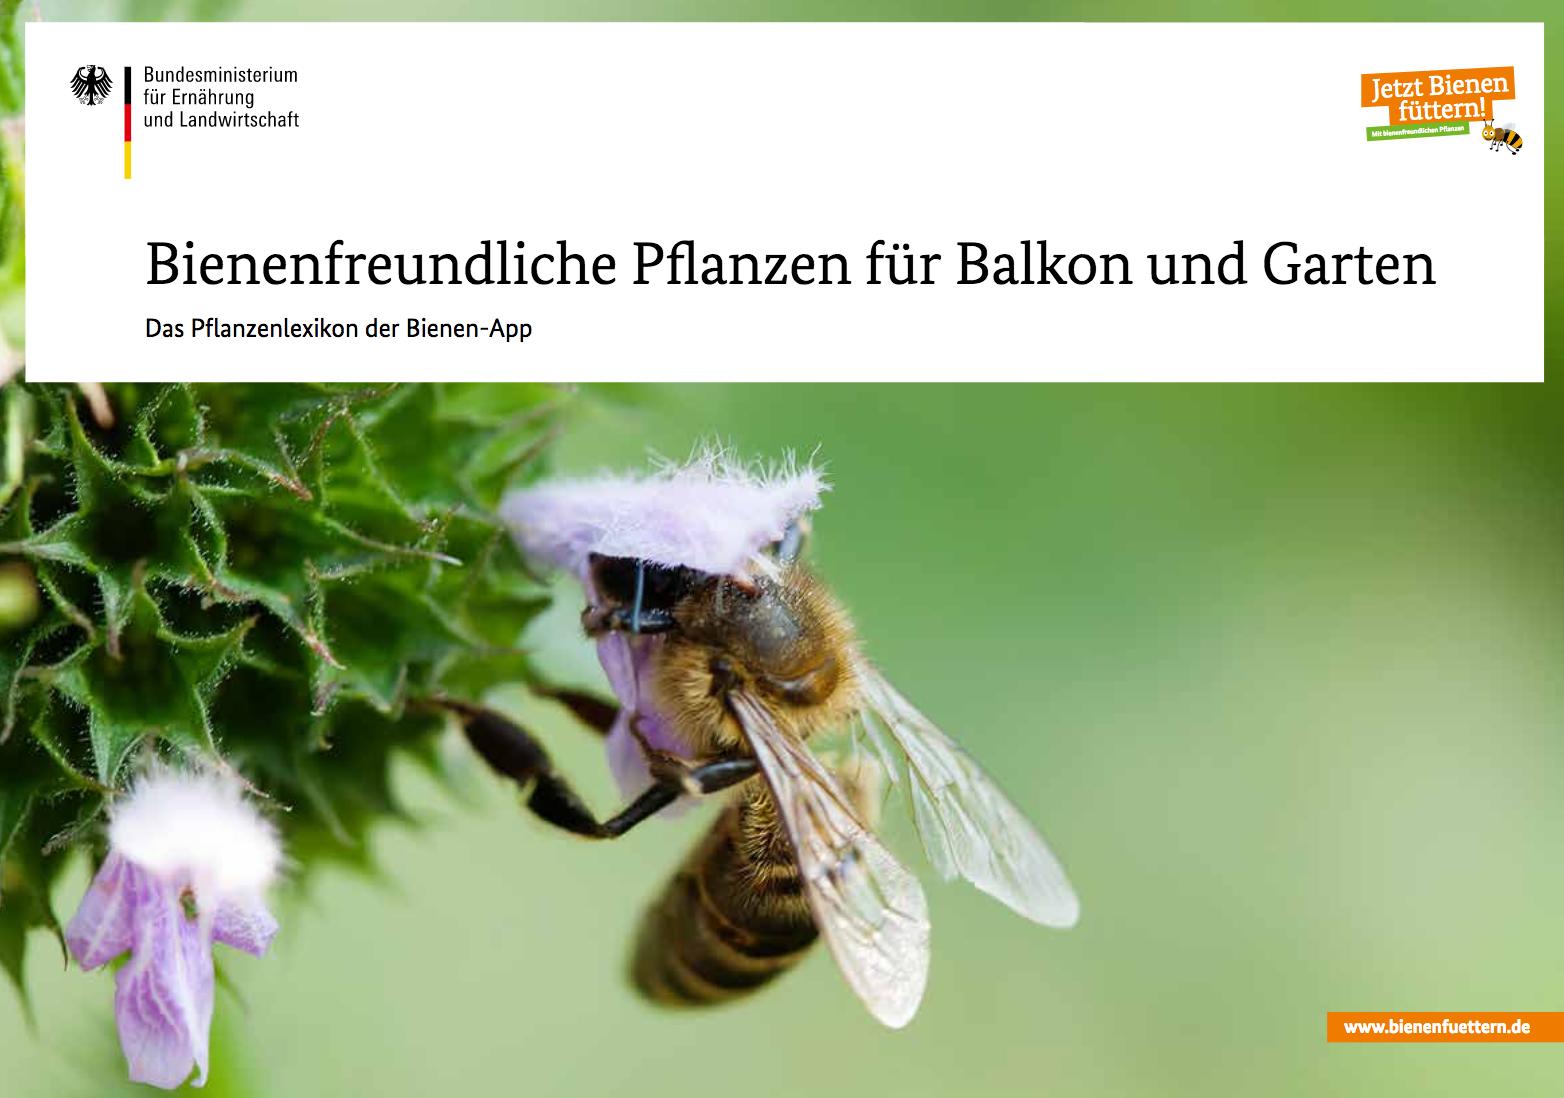 Bienenlexikon-BMEL-veganverlag-GruenerSinn-Verlag